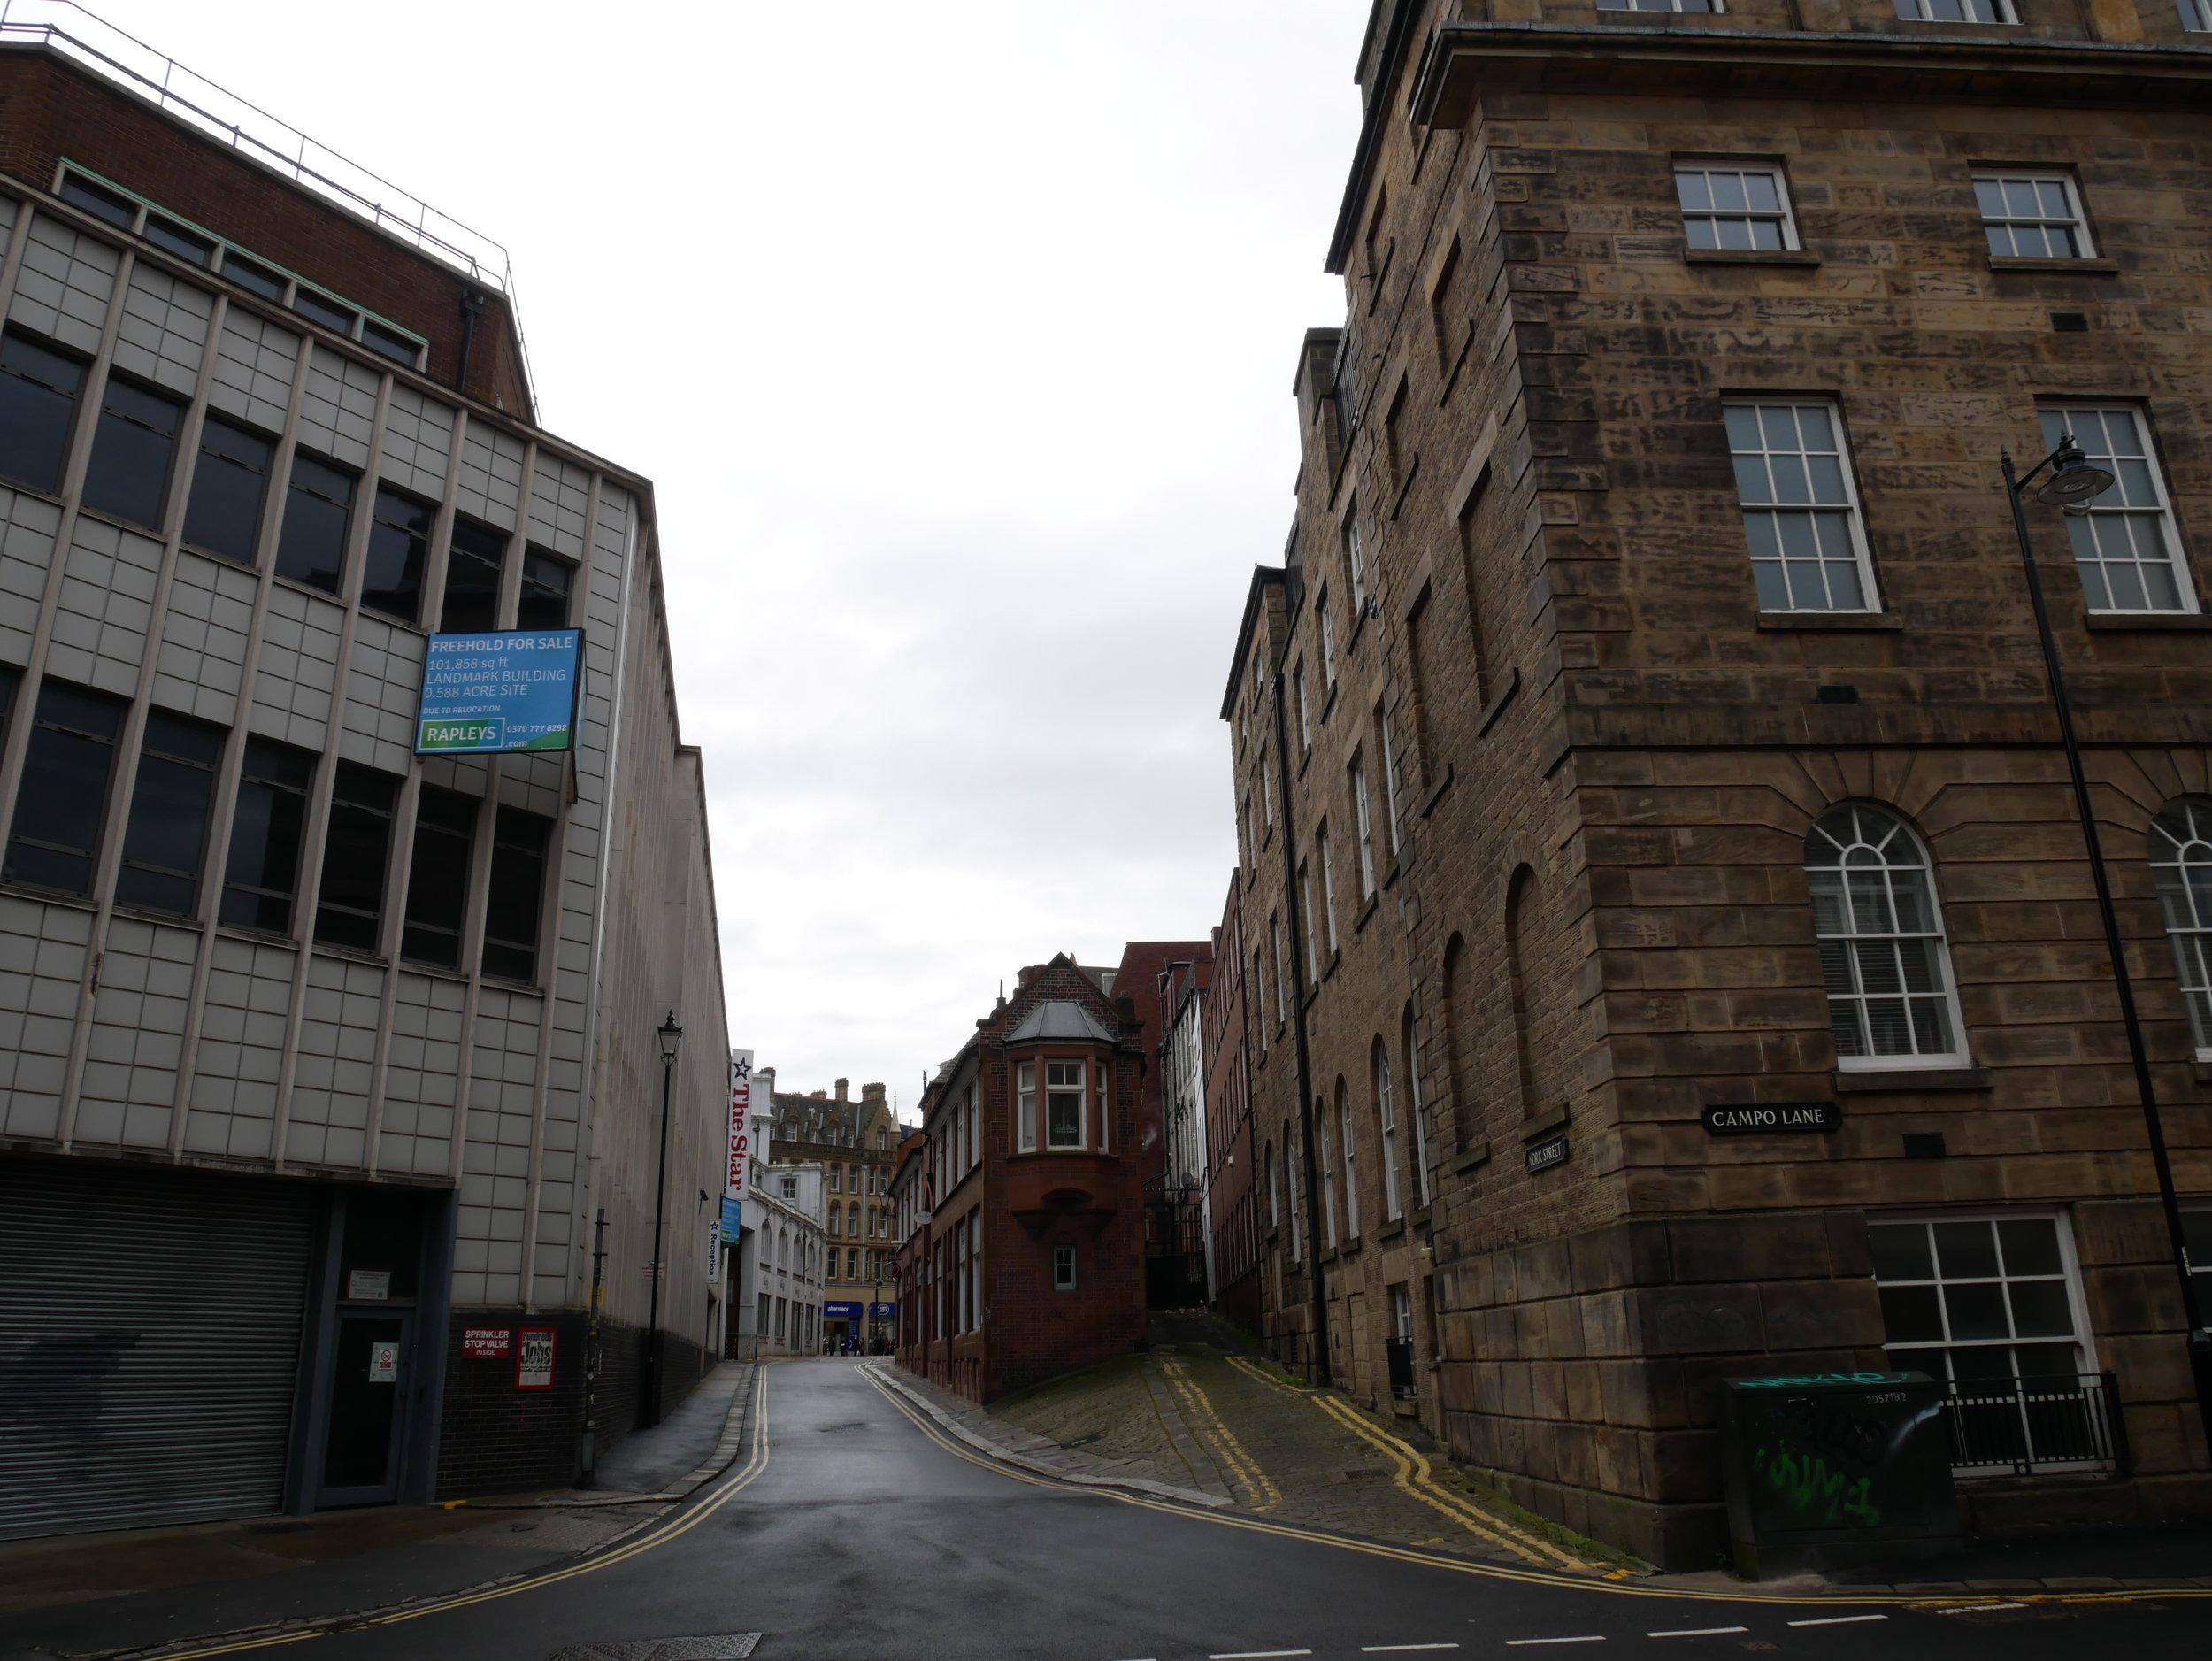 Jag gillar hur Sheffield ser ut. Det är en rimlig blandning av gammalt och nytt som ibland är lite konstig men för det mesta bra.